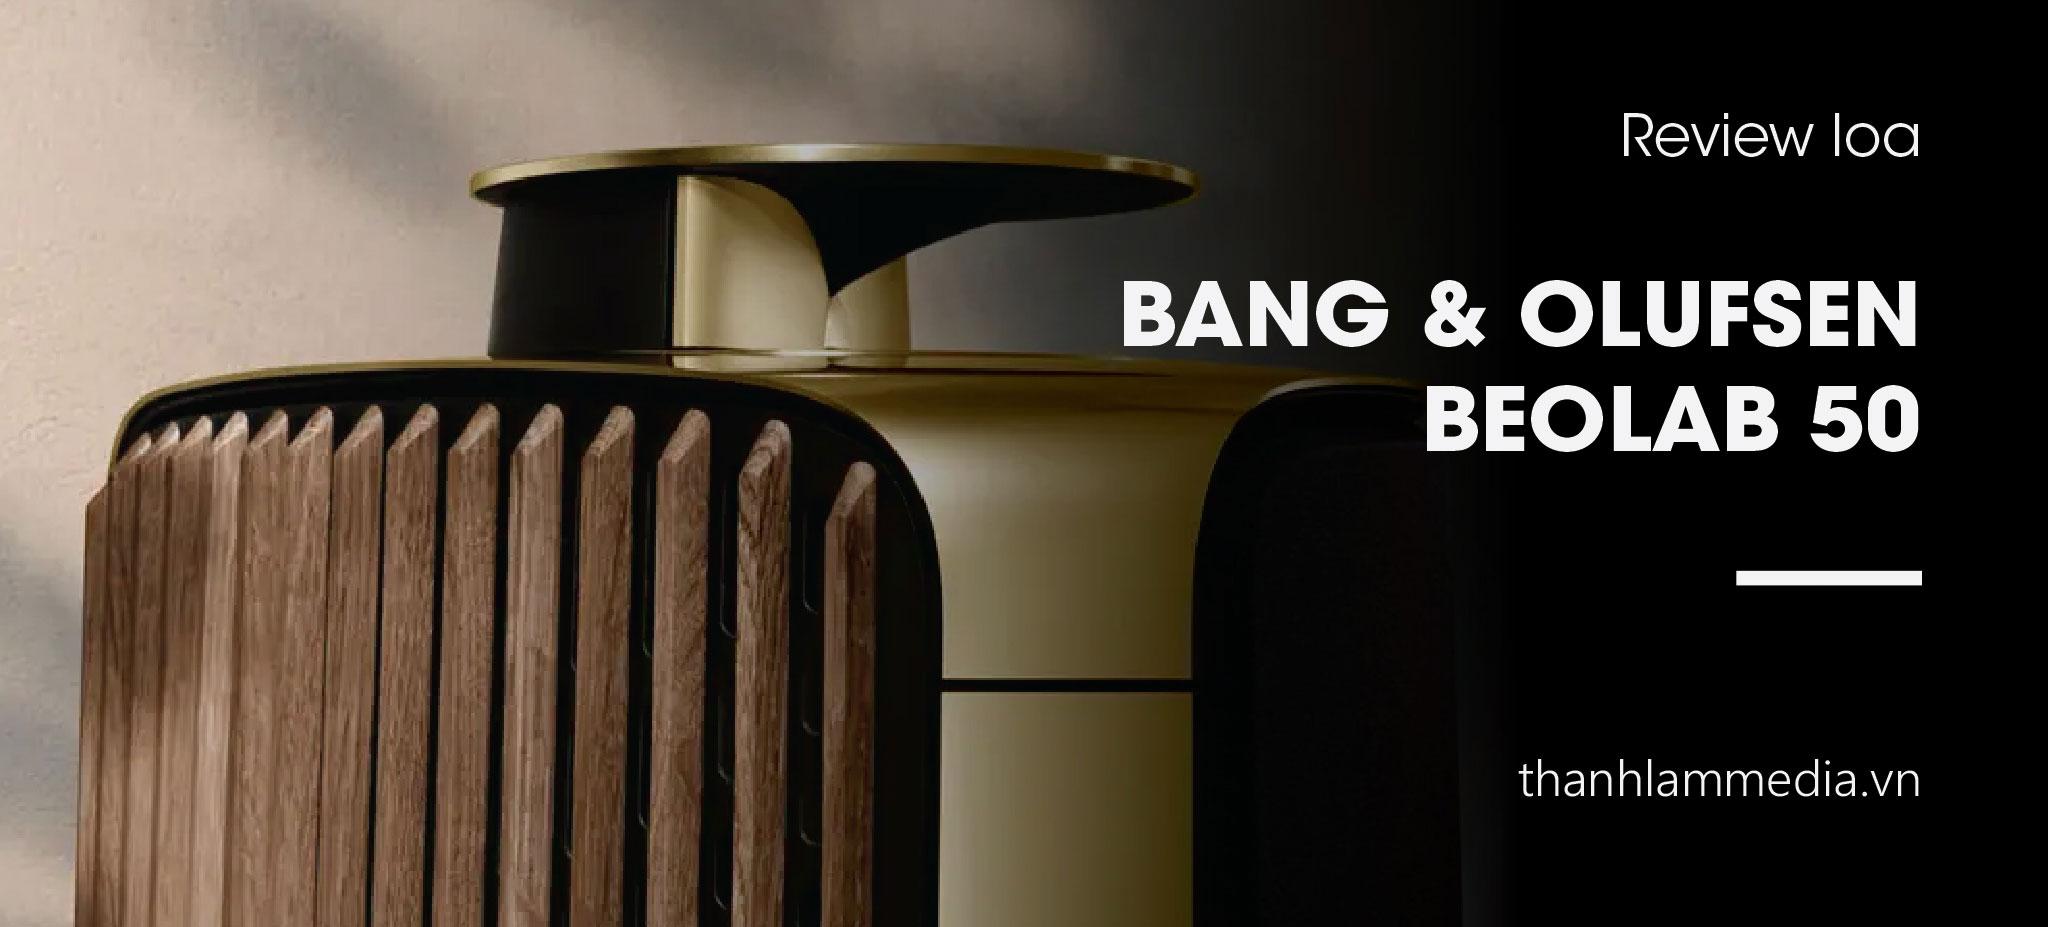 Review Bang & Olufsen Beolab 50 - Tuyệt tác nghệ thuật trị giá $40,000 1